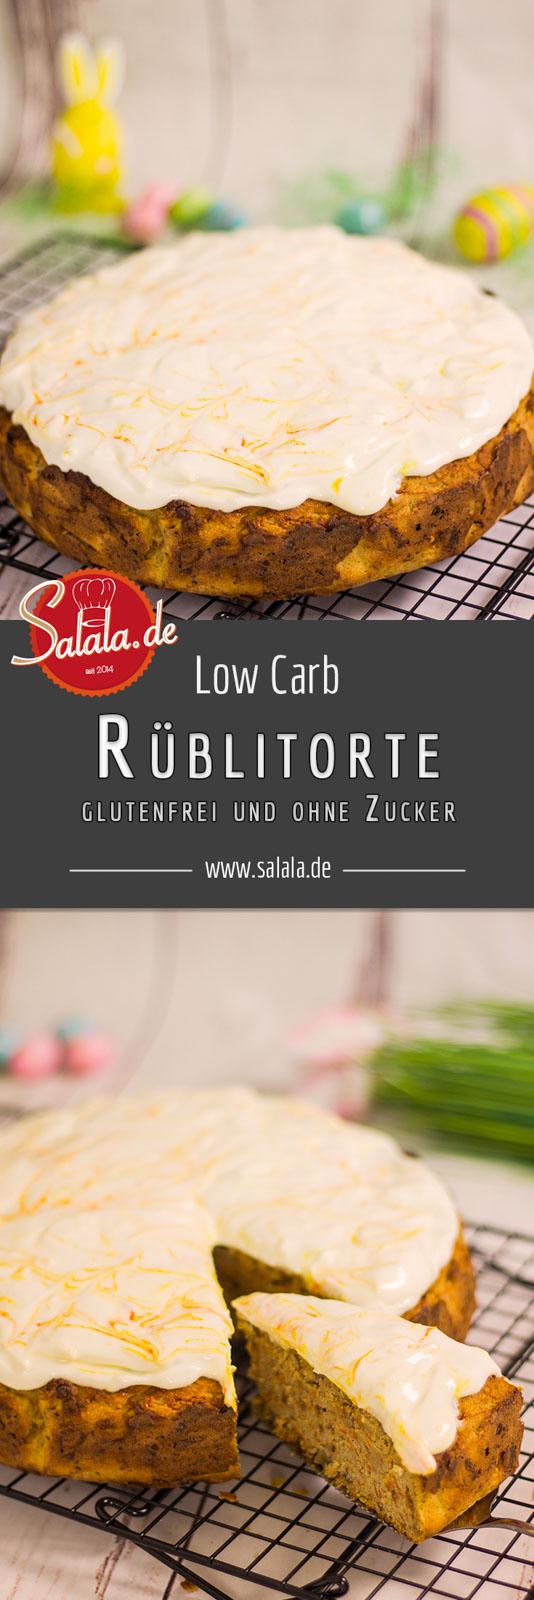 Rüblitorte backen Rezept Low Carb ohne Zucker Ostern 2018 glutenfrei